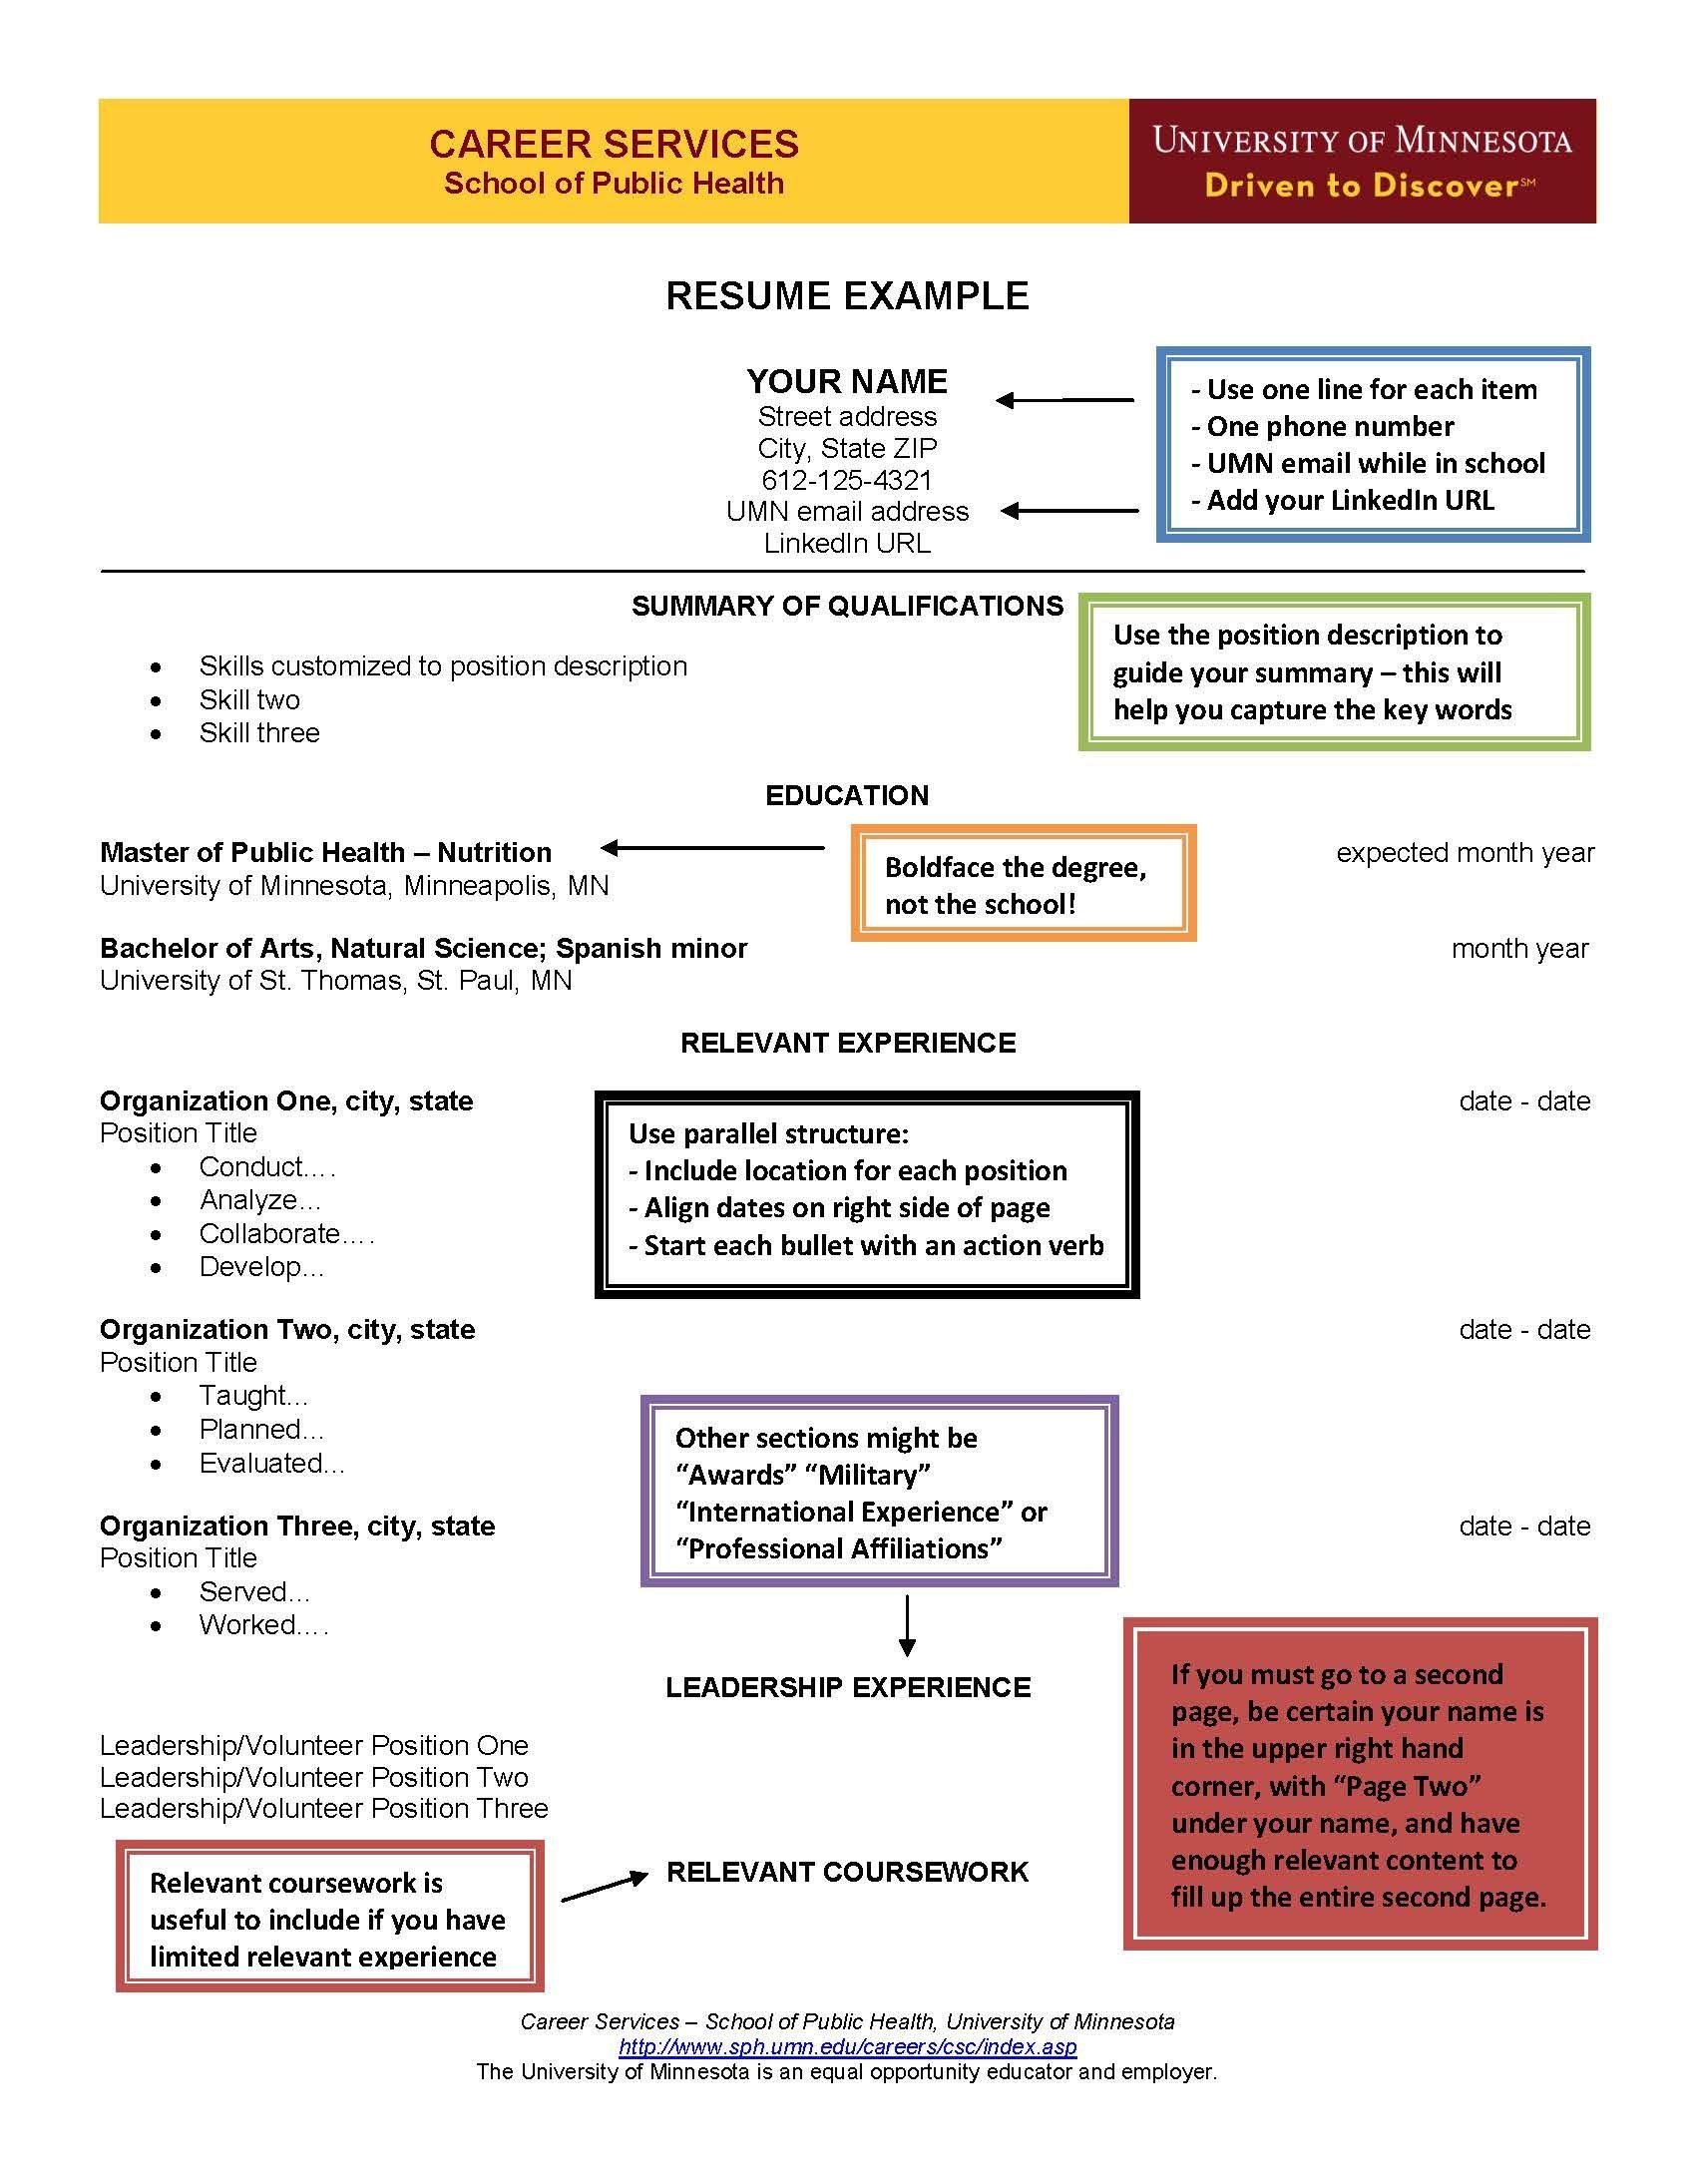 Sample Resume Resume guide, Career help, Resume